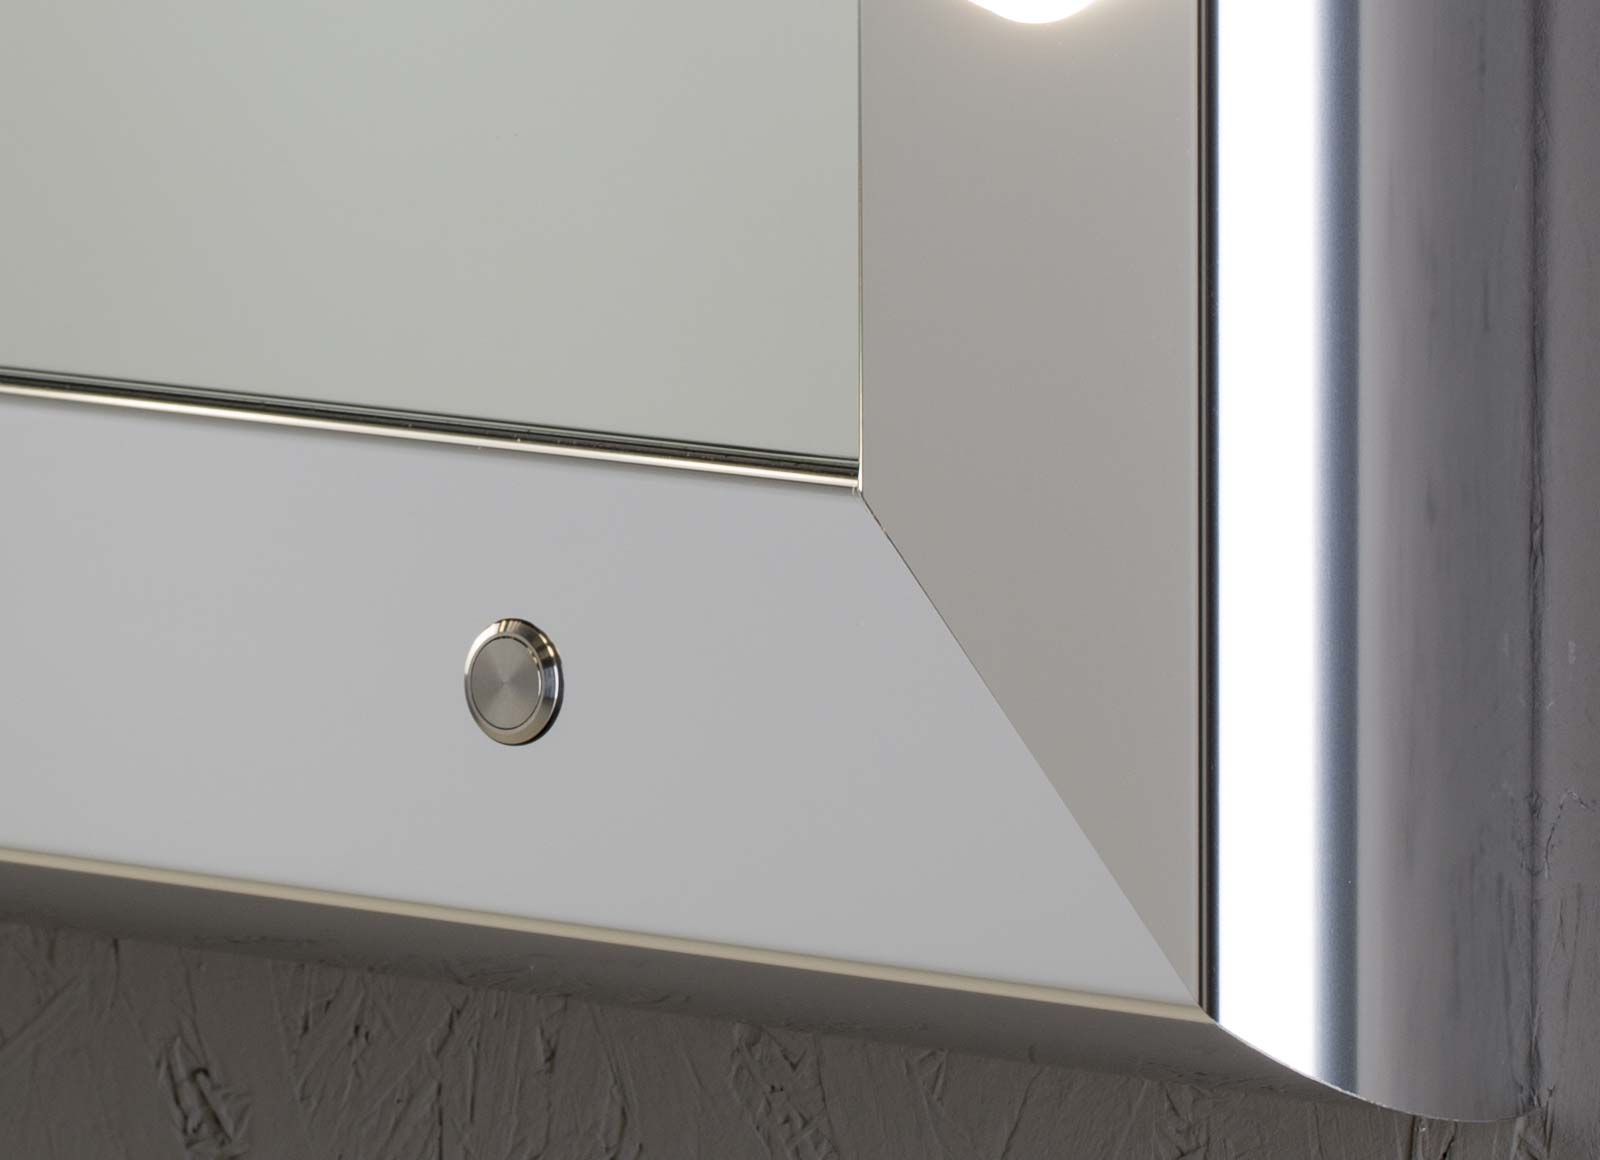 Linea specchi sp linea unica - Specchi design da parete ...